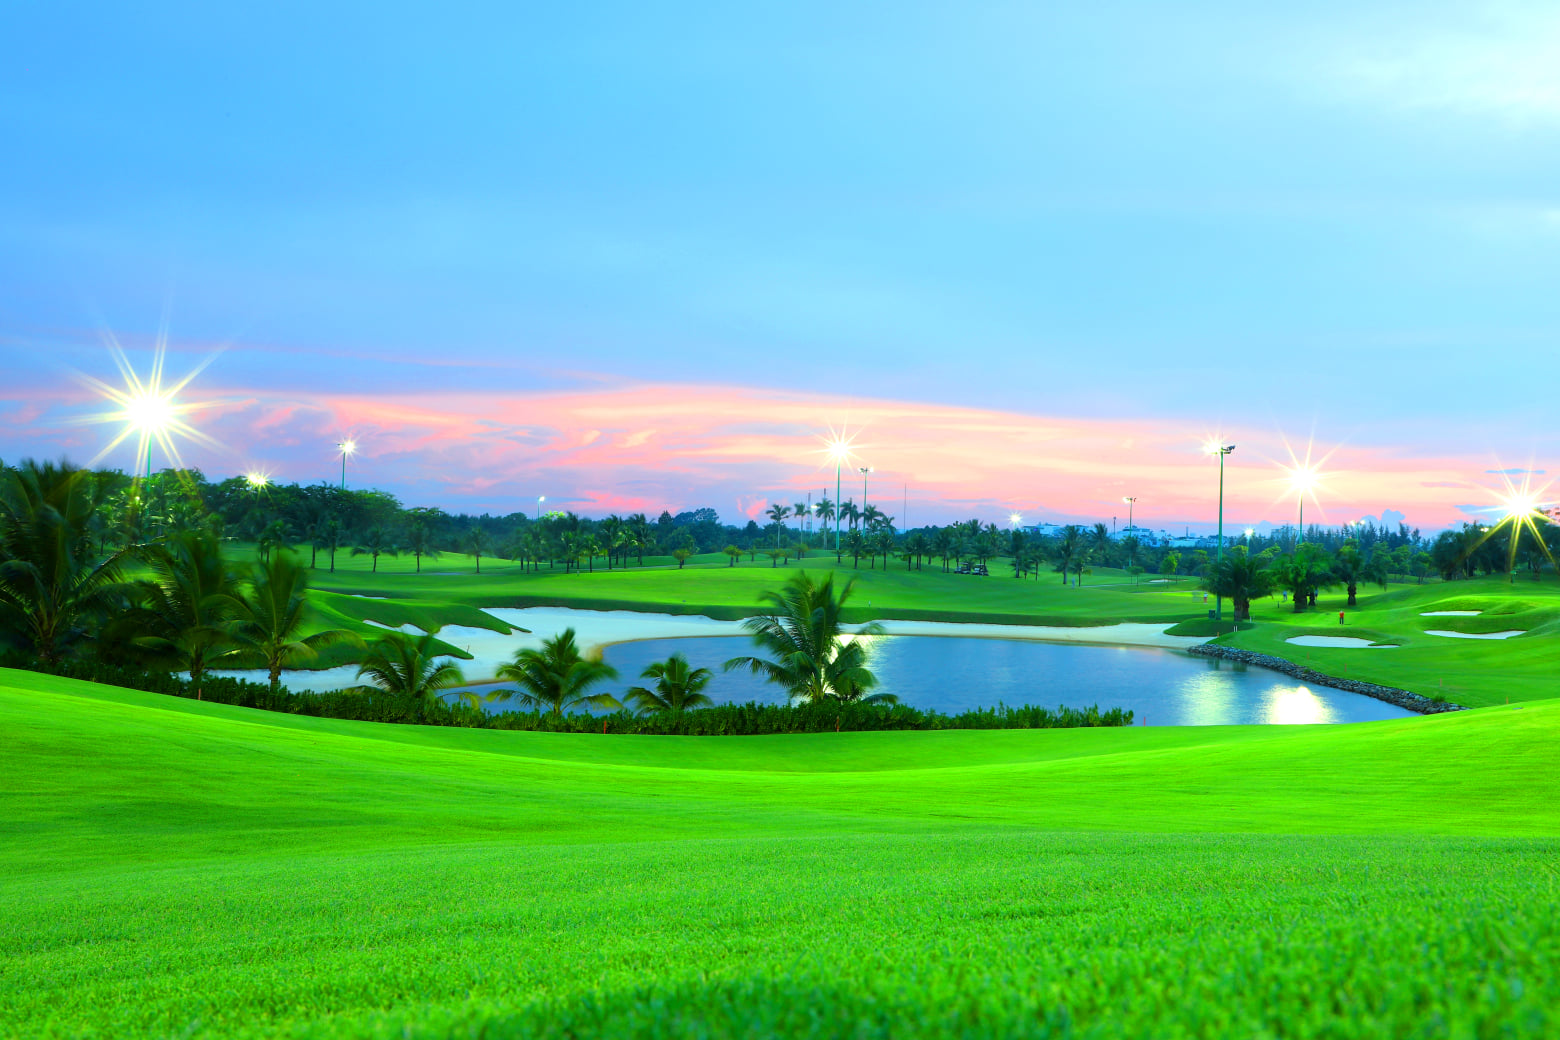 Sân golf được bảo dưỡng vô cùng tốt. Hình: Sưu tầm